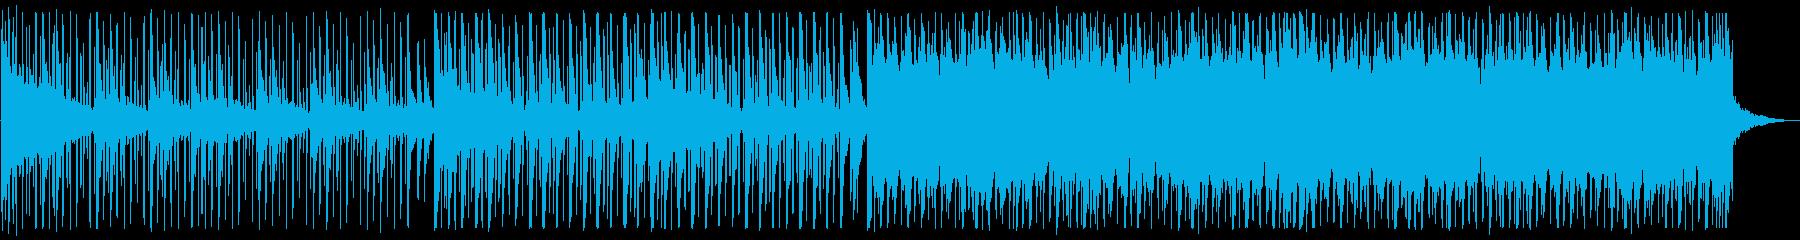 避暑地/トロピカルハウス_No629_3の再生済みの波形